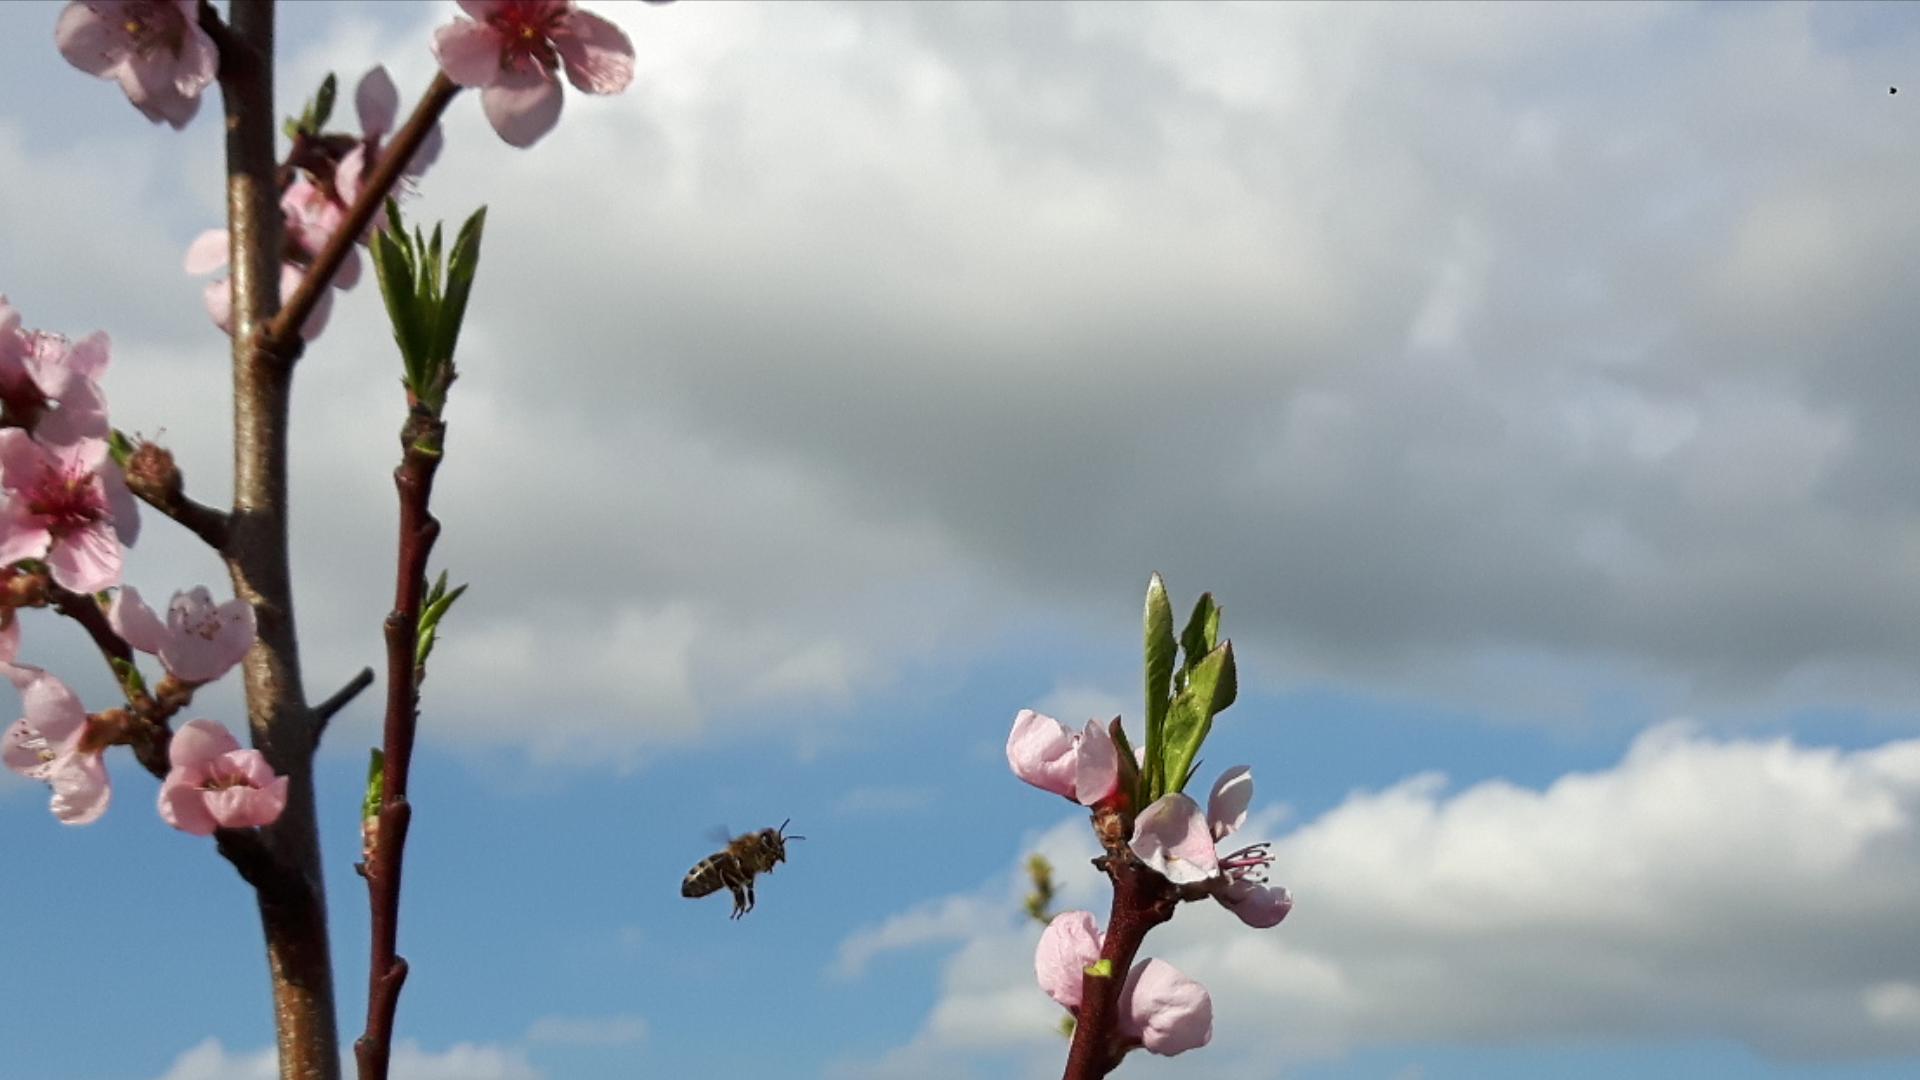 Stadtmauerhonigbiene auf dem Weg zur Nektarinenblüte